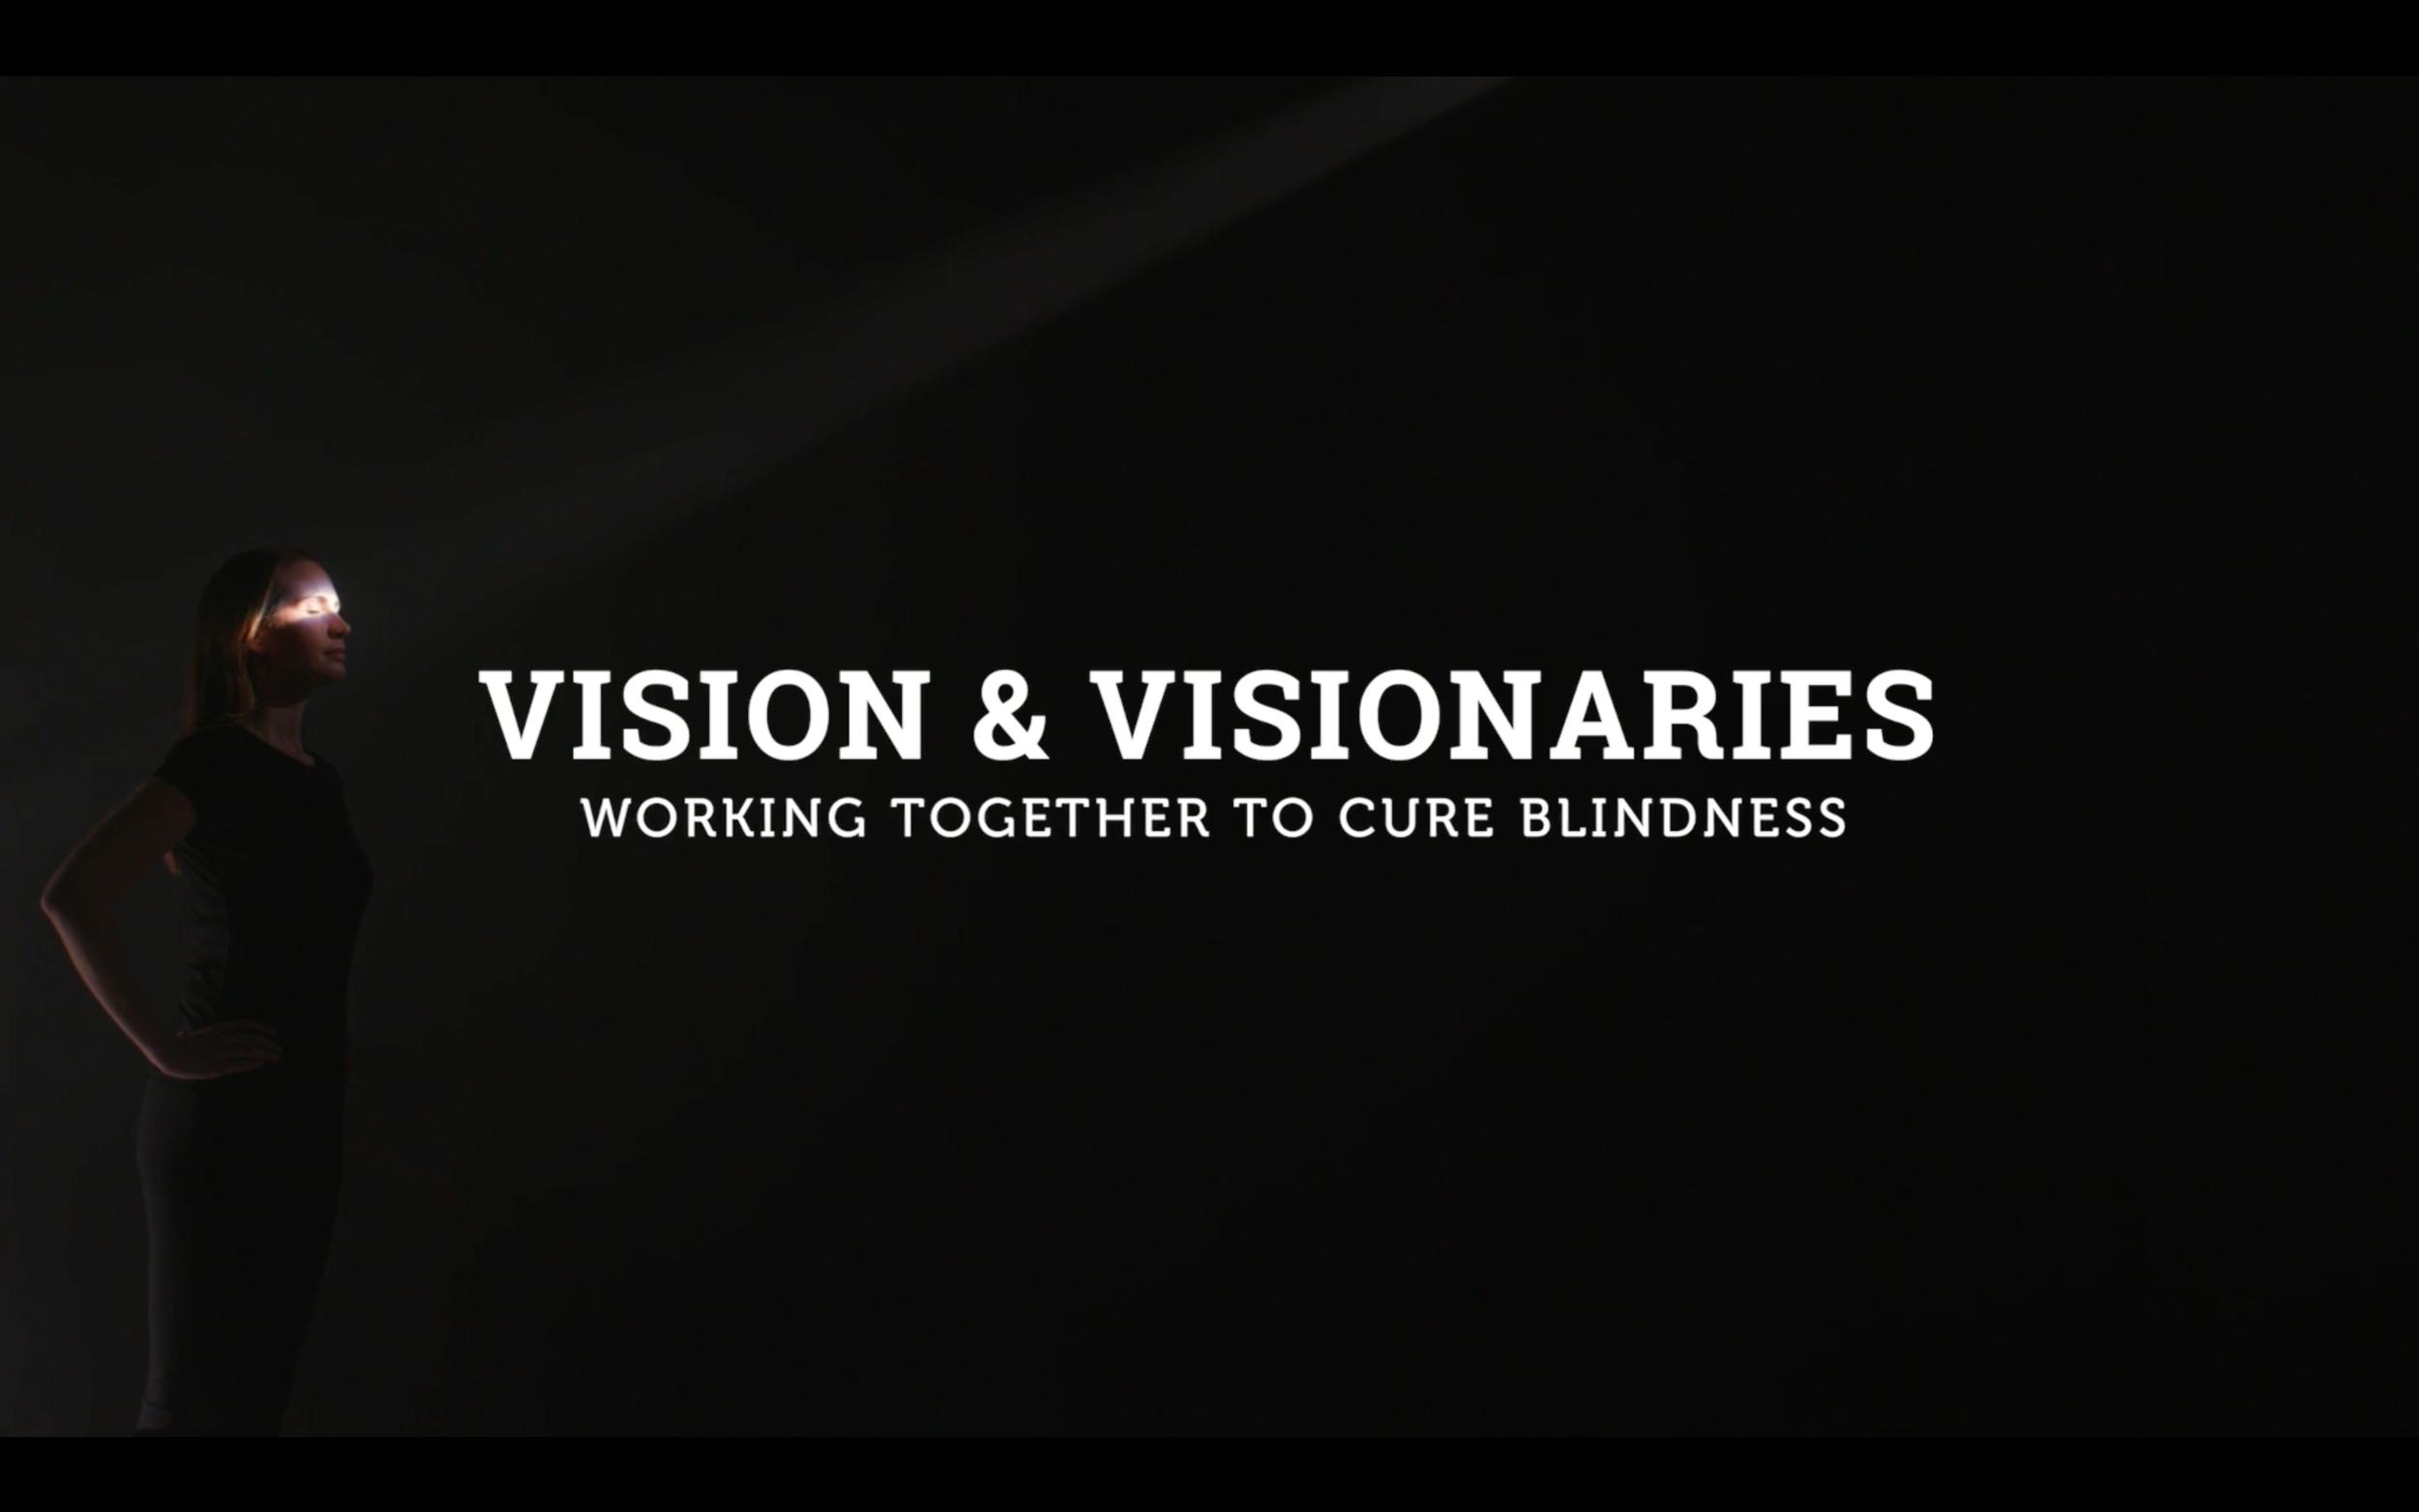 Vision-Visionaries.png